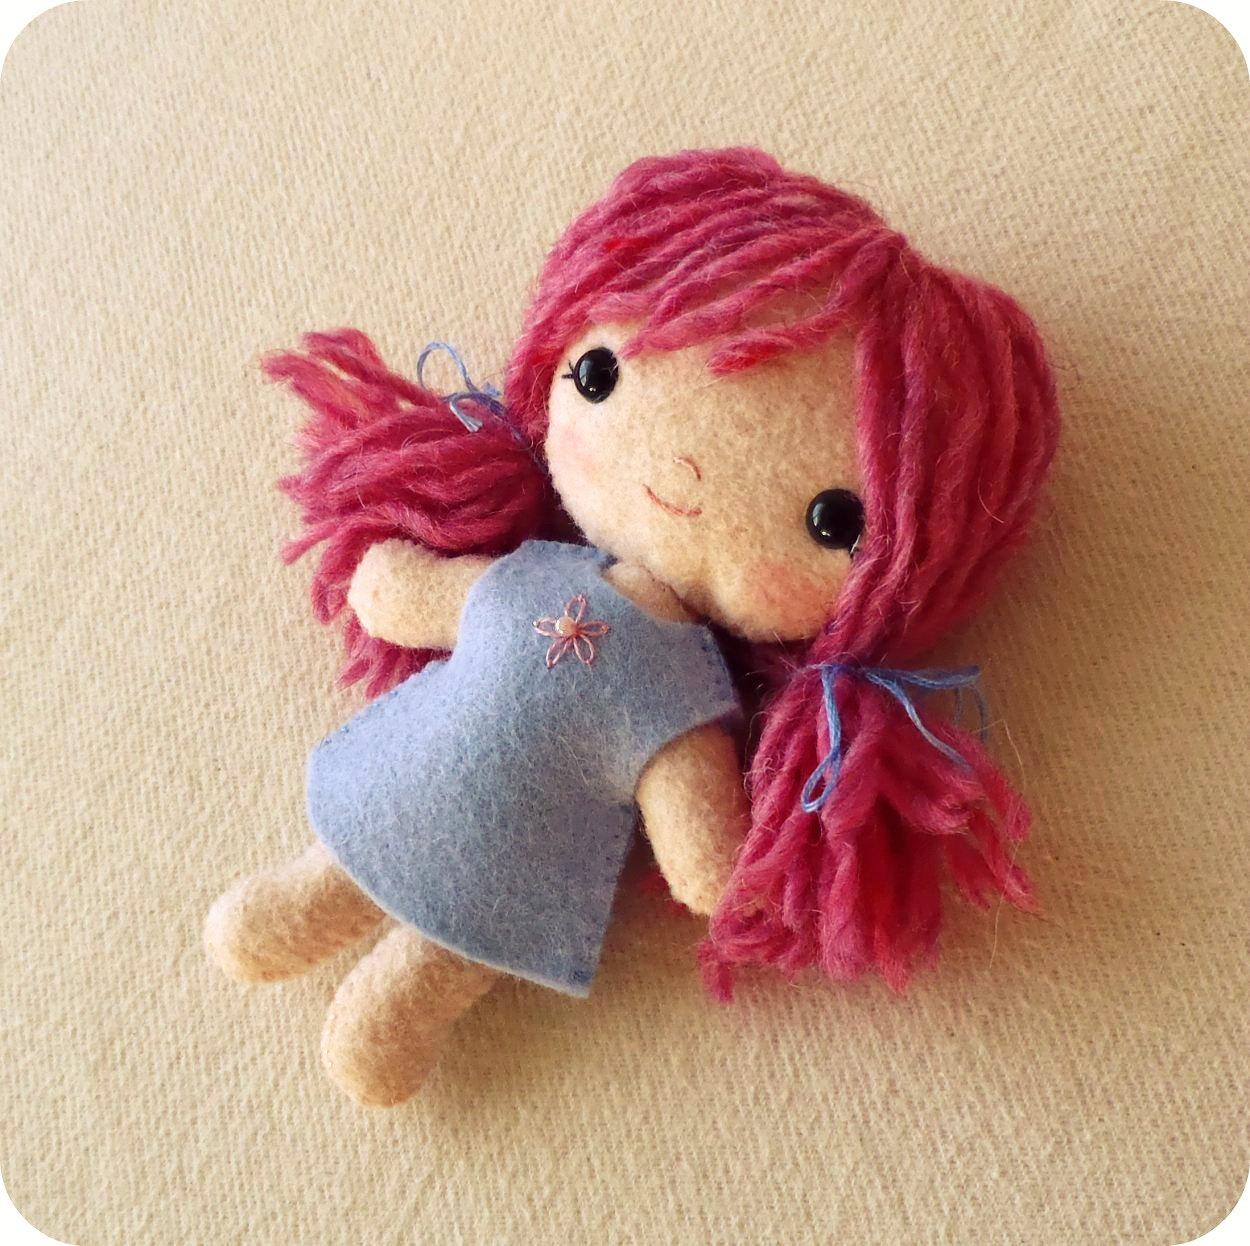 Cloth Craft Dolls